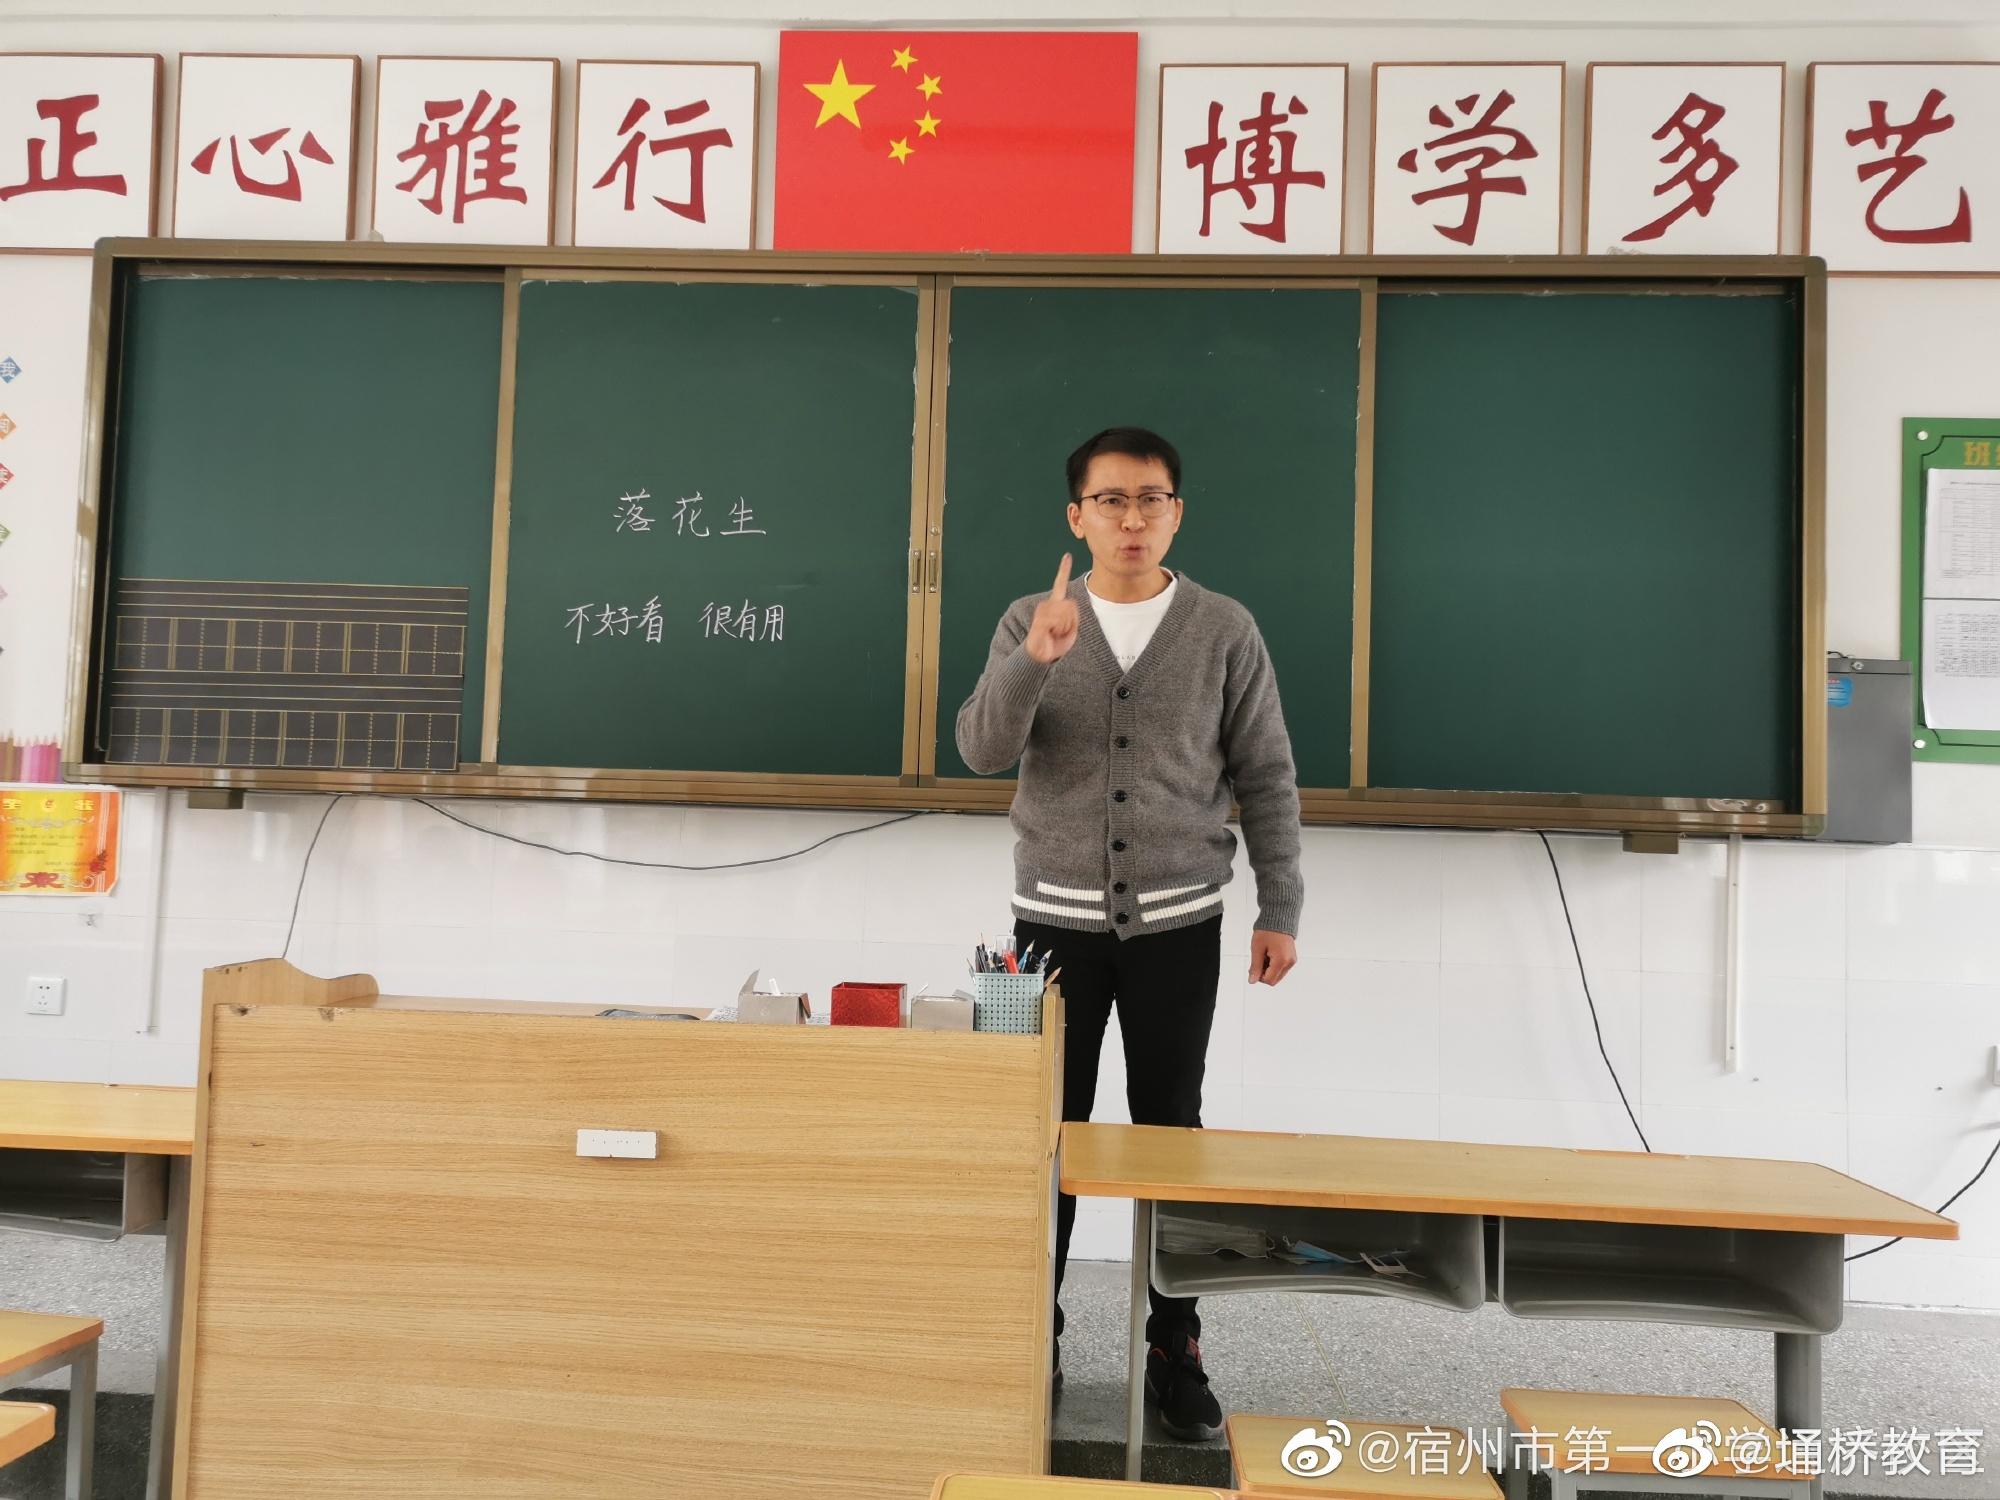 新教师,新风采——宿州一小通济校区2020年新教师无生上课展示